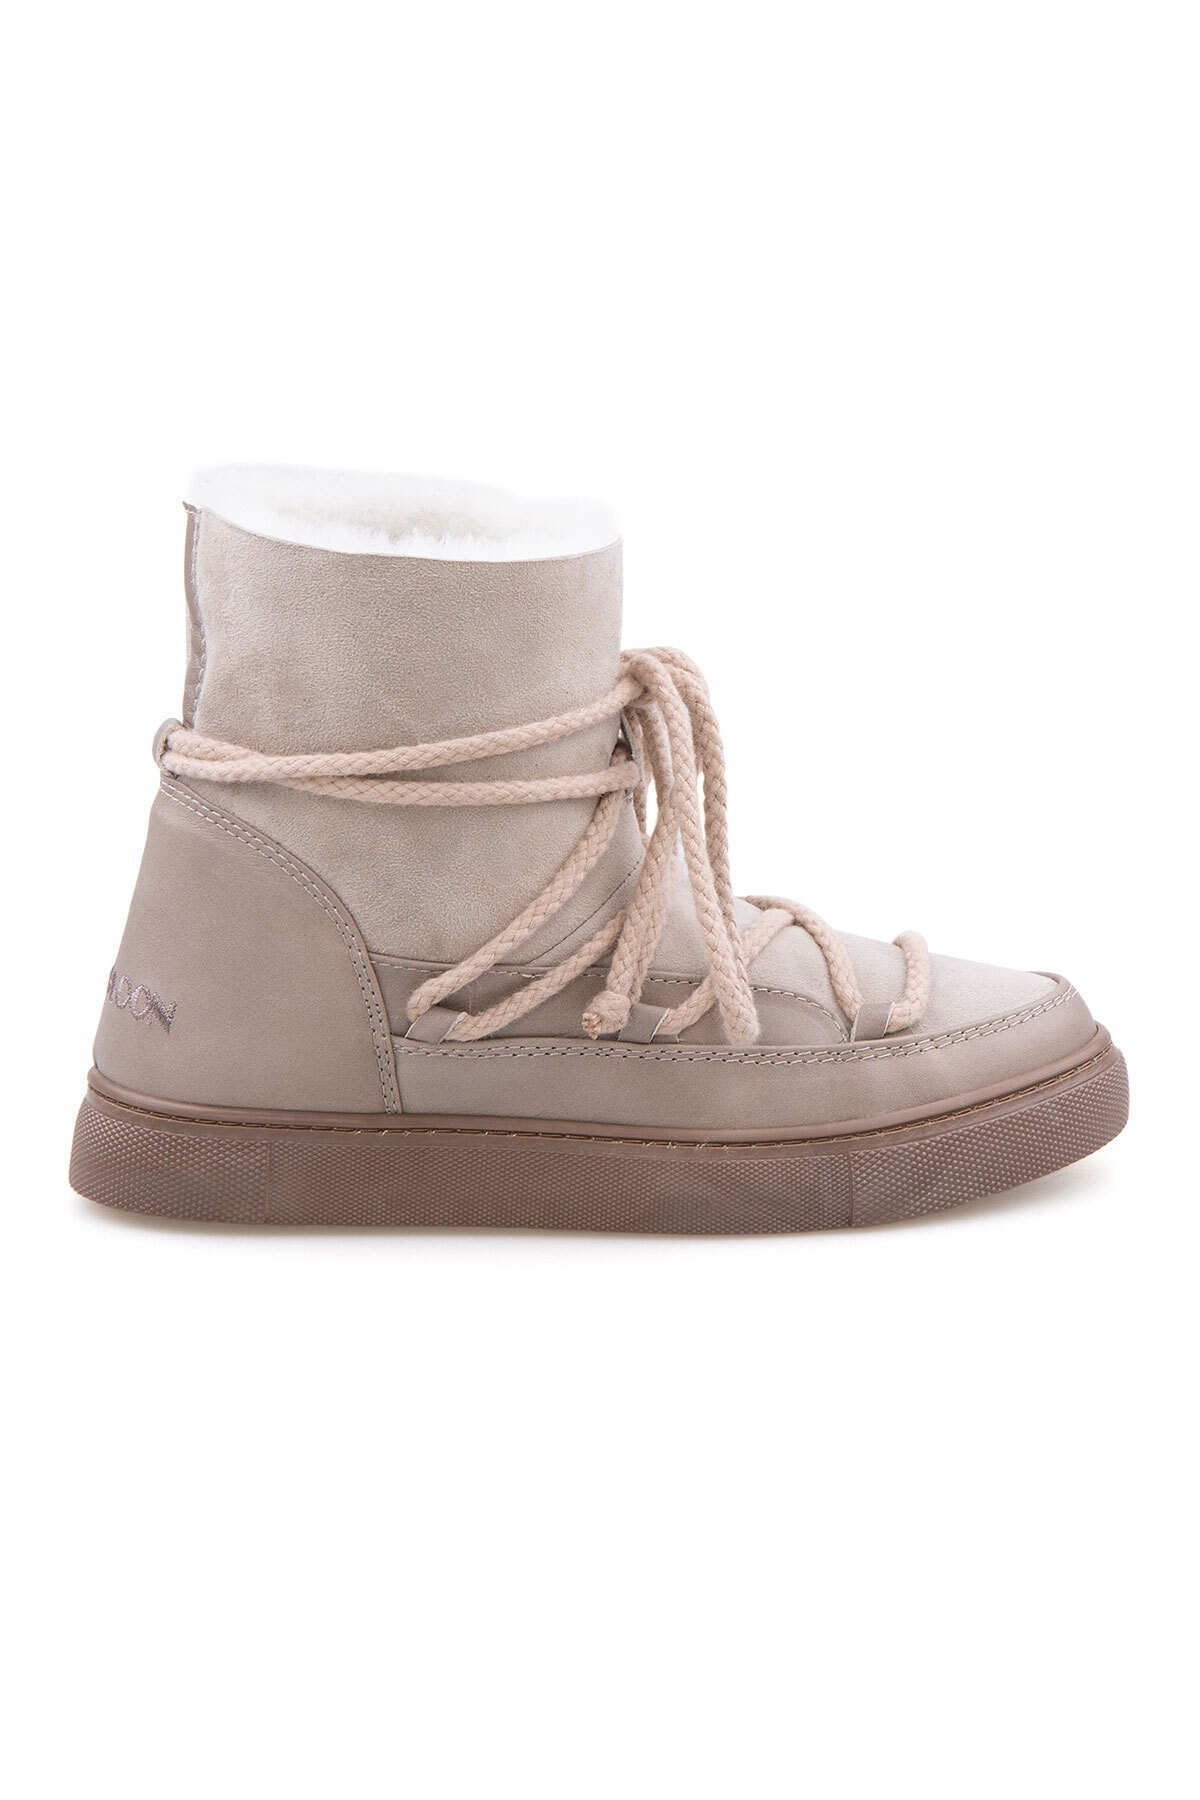 Cool Moon Kadın Bej  Süet İçi Kürk Sneaker 355050